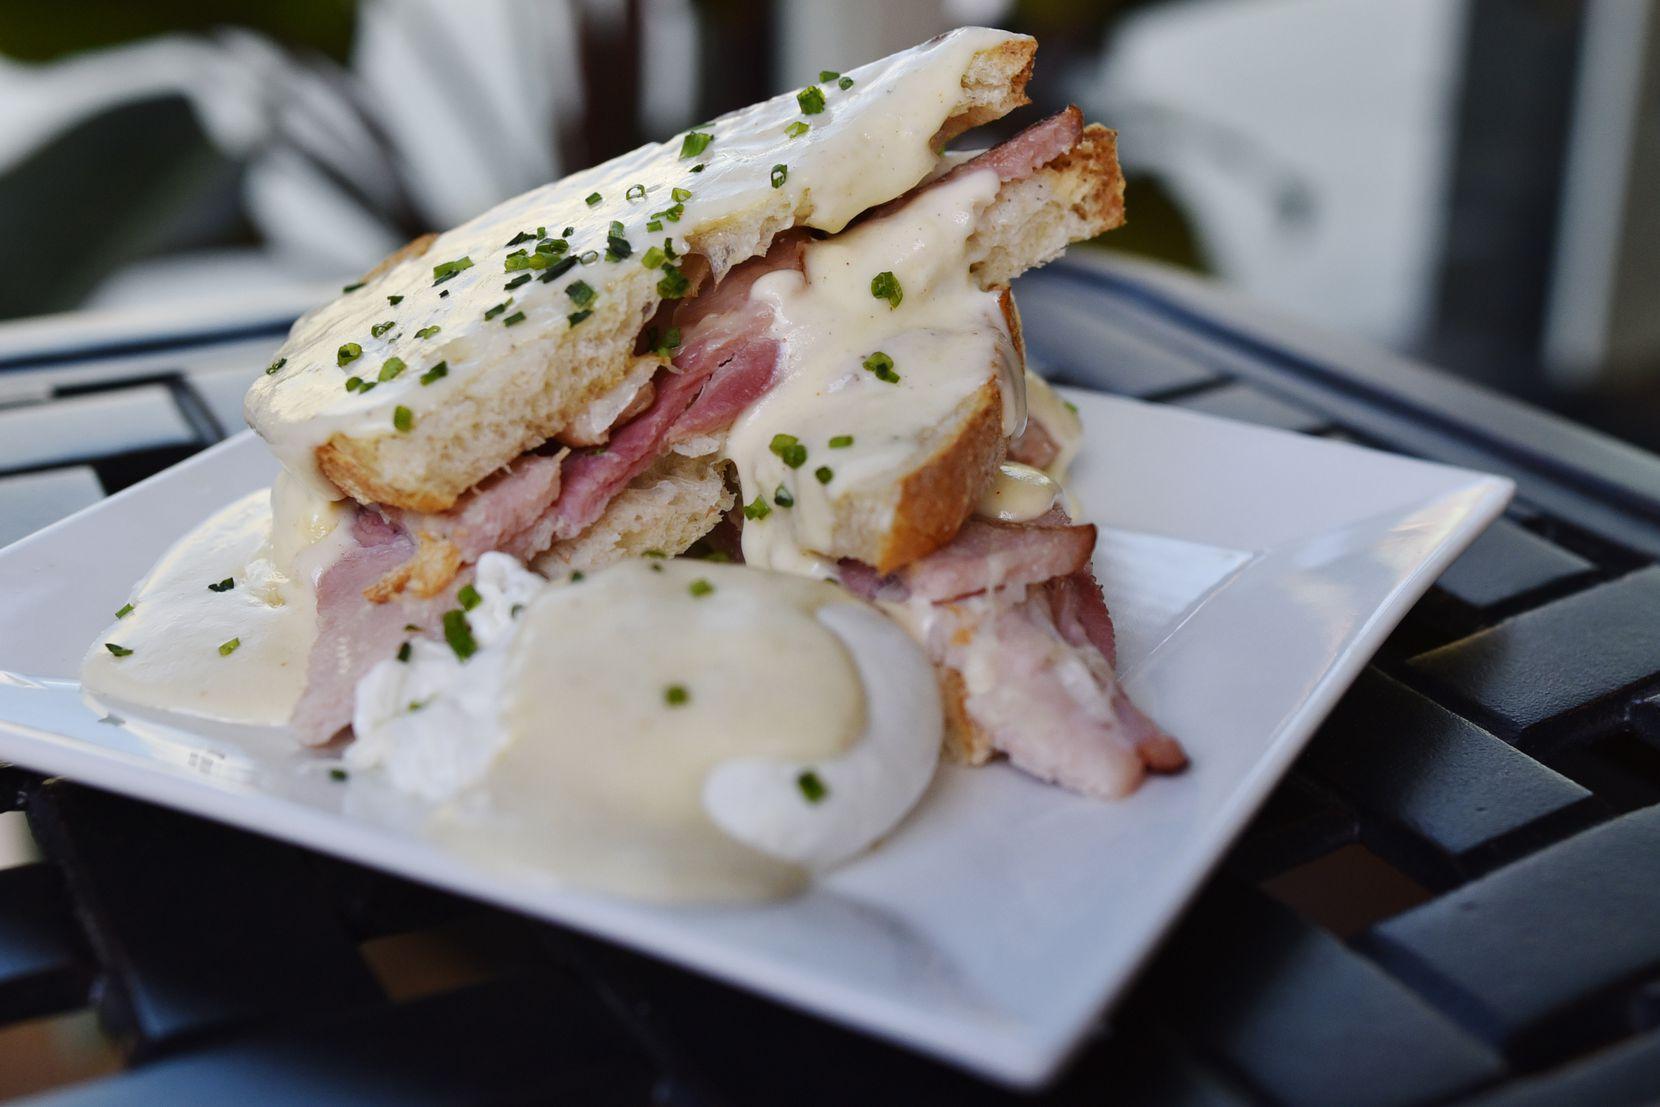 Croque madame, un sandwich au jambon et au gruyère sur un levain surmonté d'une béchamel et d'un œuf poché, est l'un des éléments du menu du petit-déjeuner.